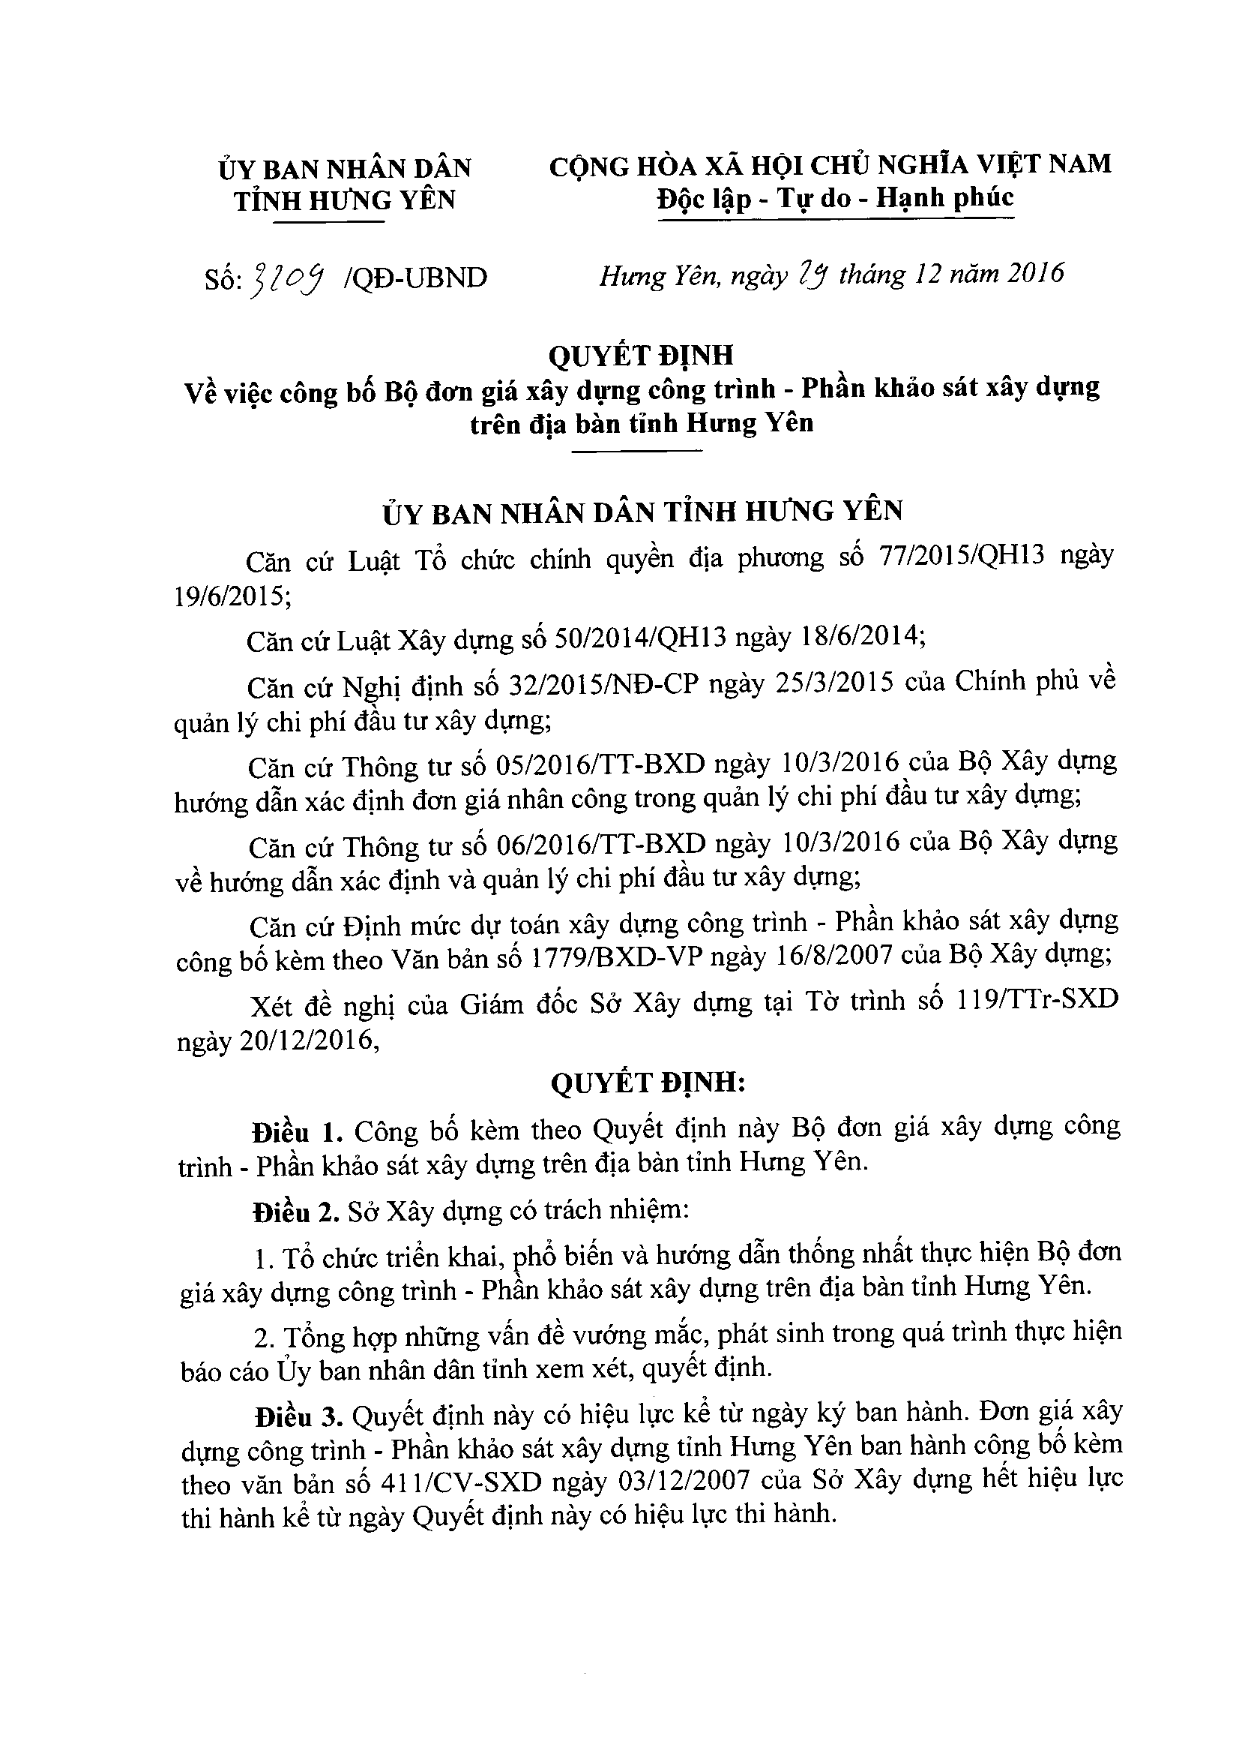 3209- khao sat tren dia ban tinh_001